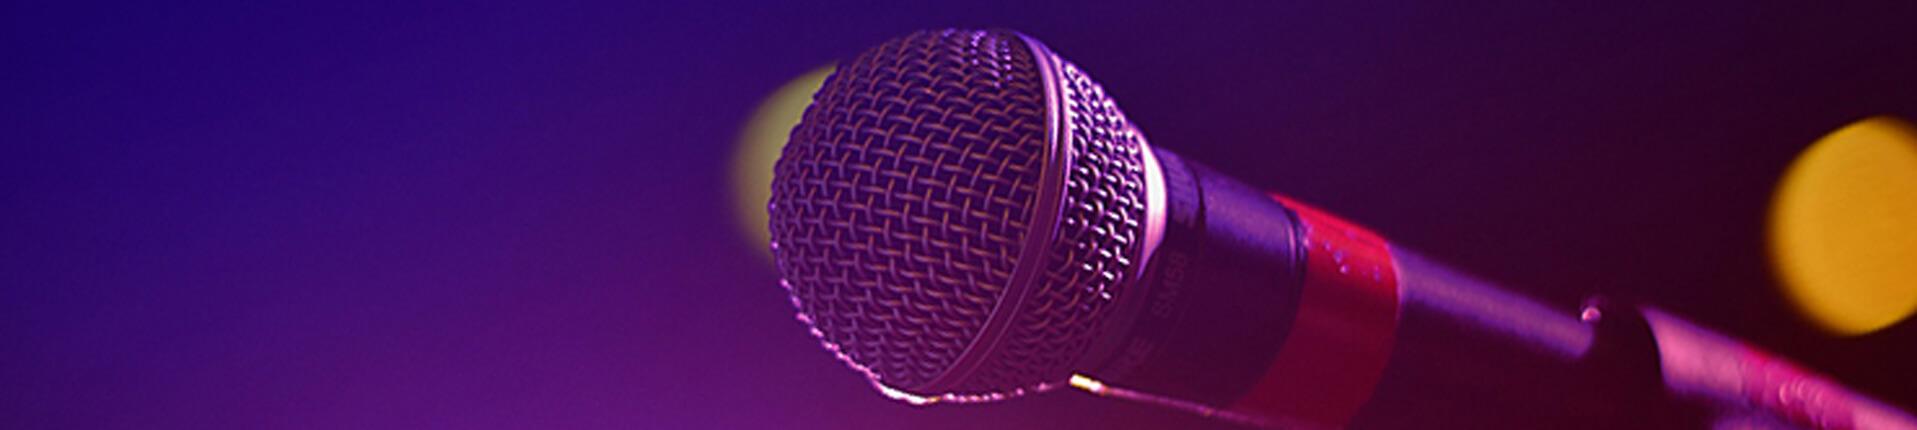 ספרו לנו על סוג האירוע, הקהל והתקציב וקבלו הצעות רלוונטיות